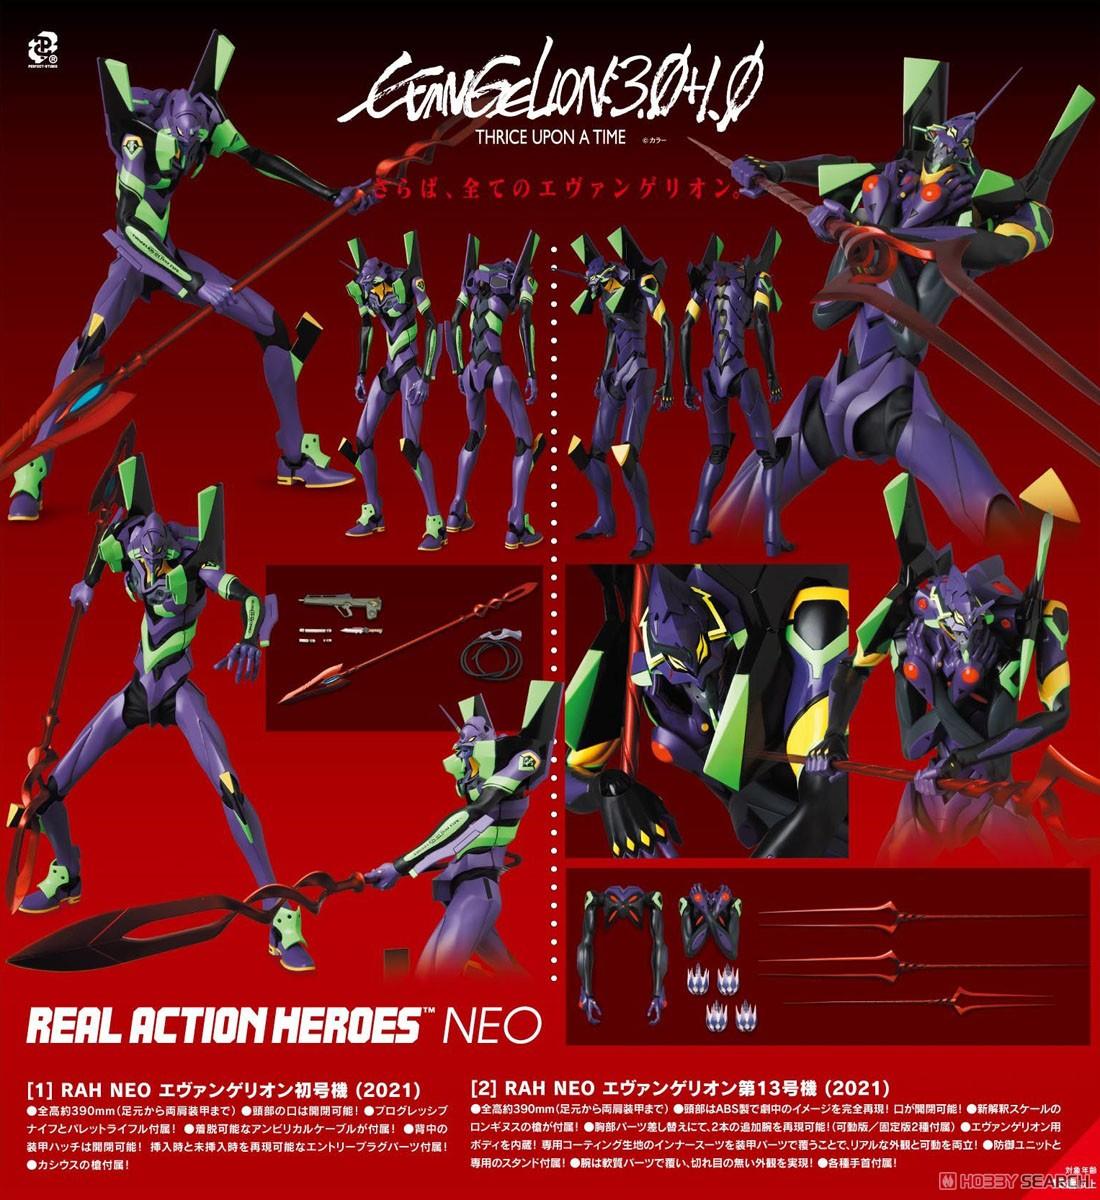 リアルアクションヒーローズ No.786 RAH NEO『エヴァンゲリオン初号機(2021)』シン・エヴァンゲリオン劇場版 可動フィギュア-011